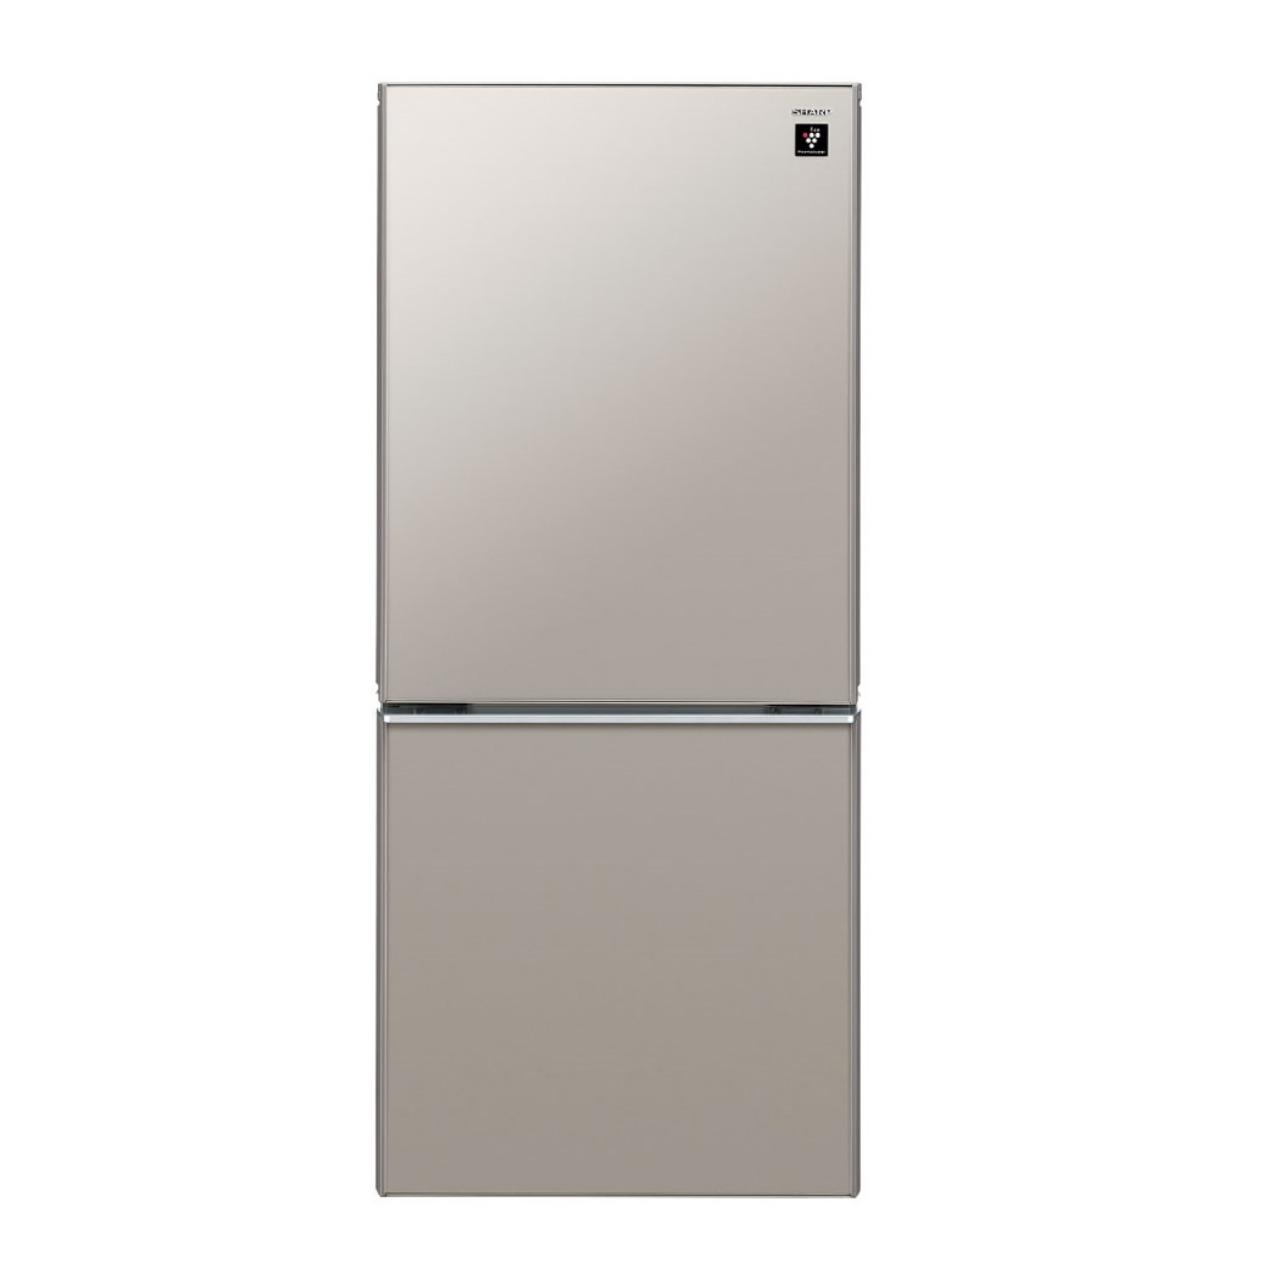 シャープSJ-GD14C冷蔵庫